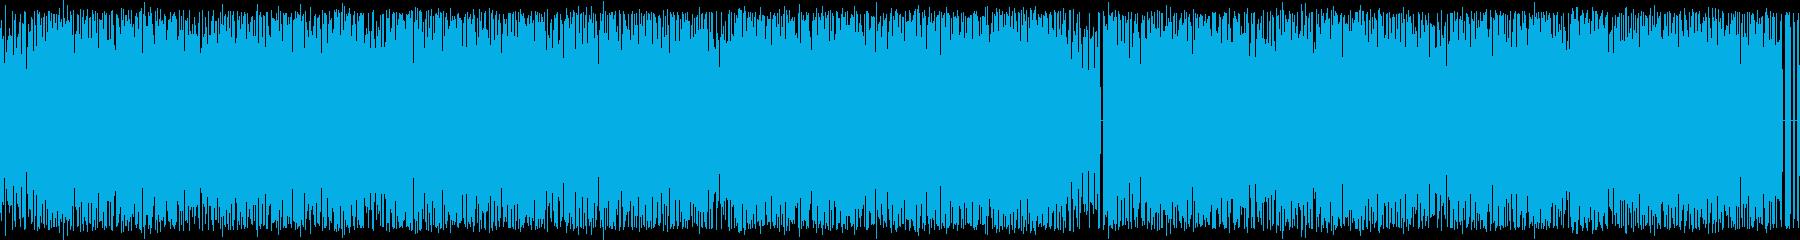 8bitゲーム!ループ可!チップチューンの再生済みの波形